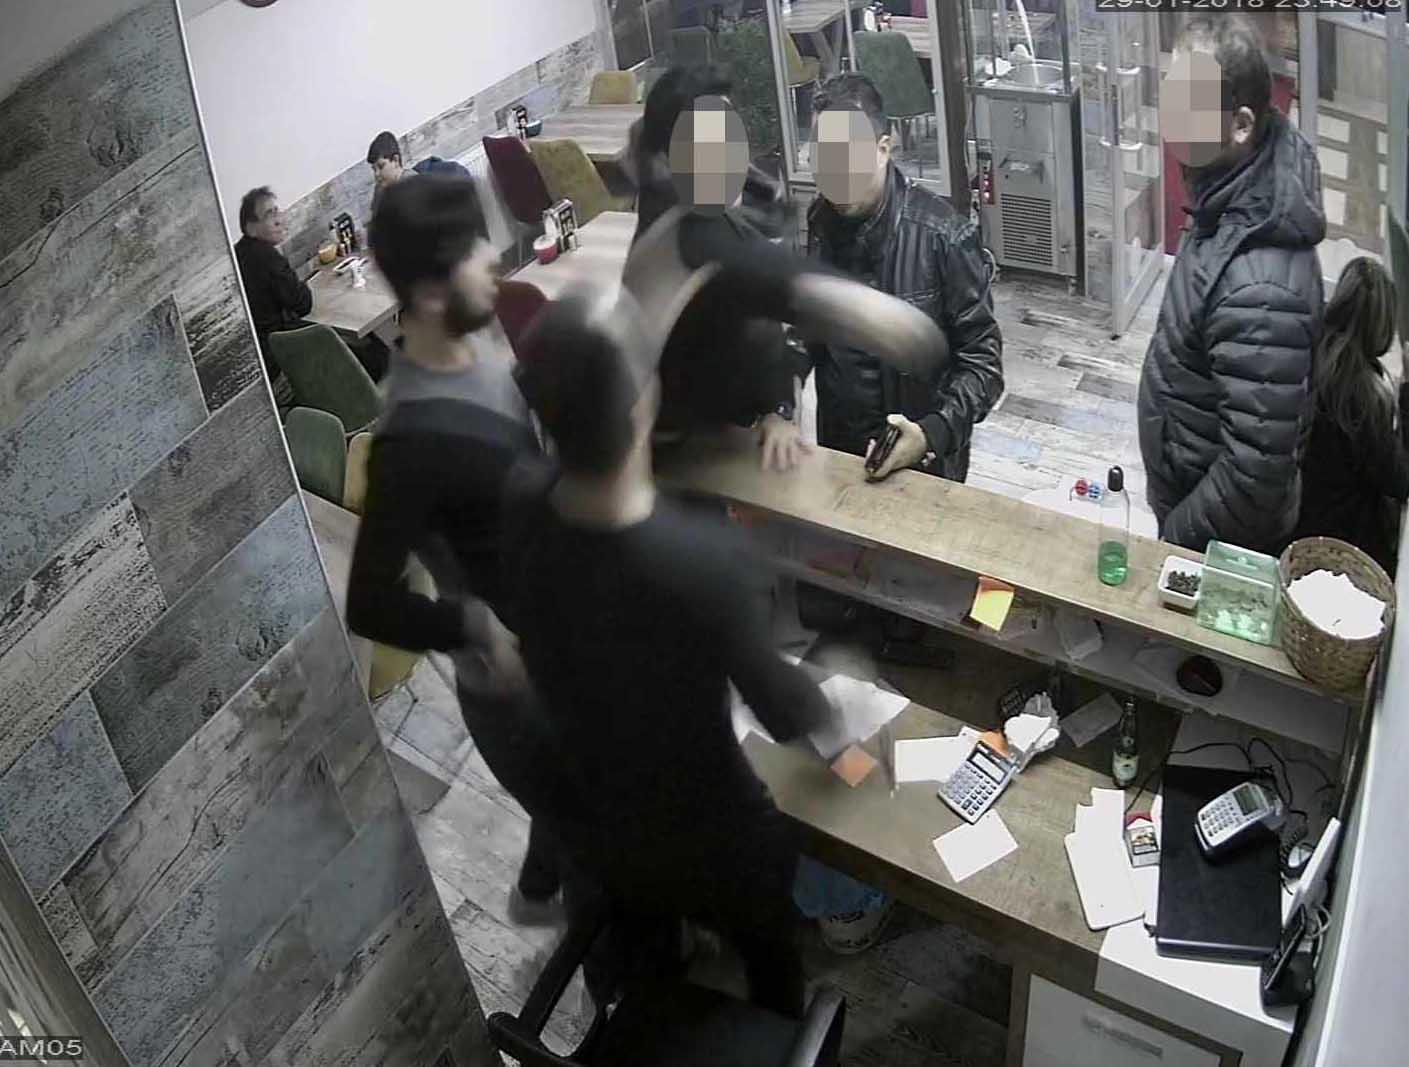 Kokoreççideki dehşettepolisler açığa alındı